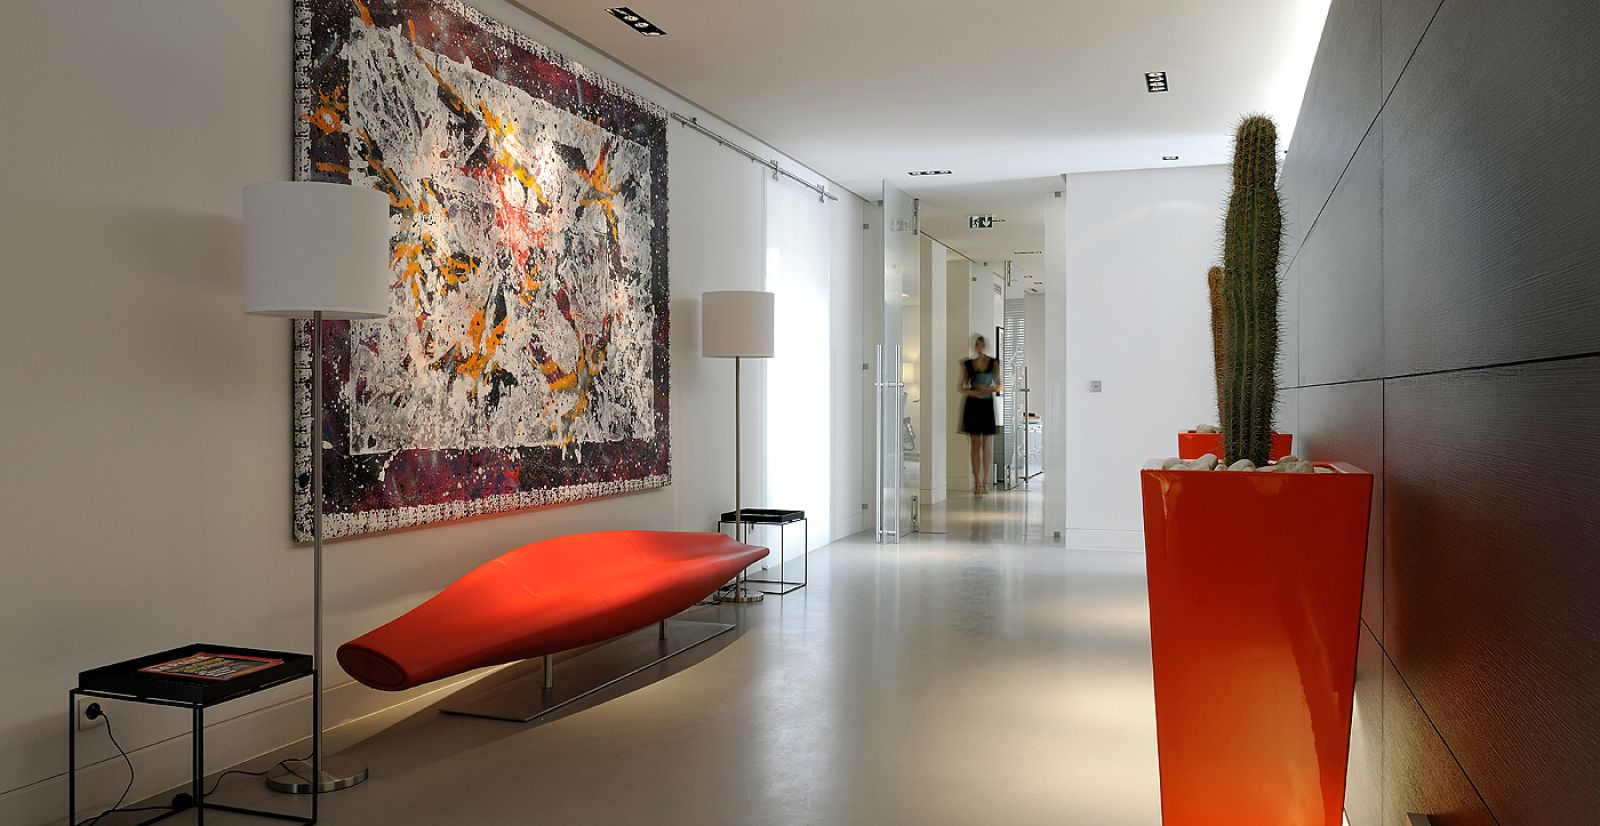 entreprise de b timent pour r novation de bureaux lyon entreprise de r novation int rieure. Black Bedroom Furniture Sets. Home Design Ideas